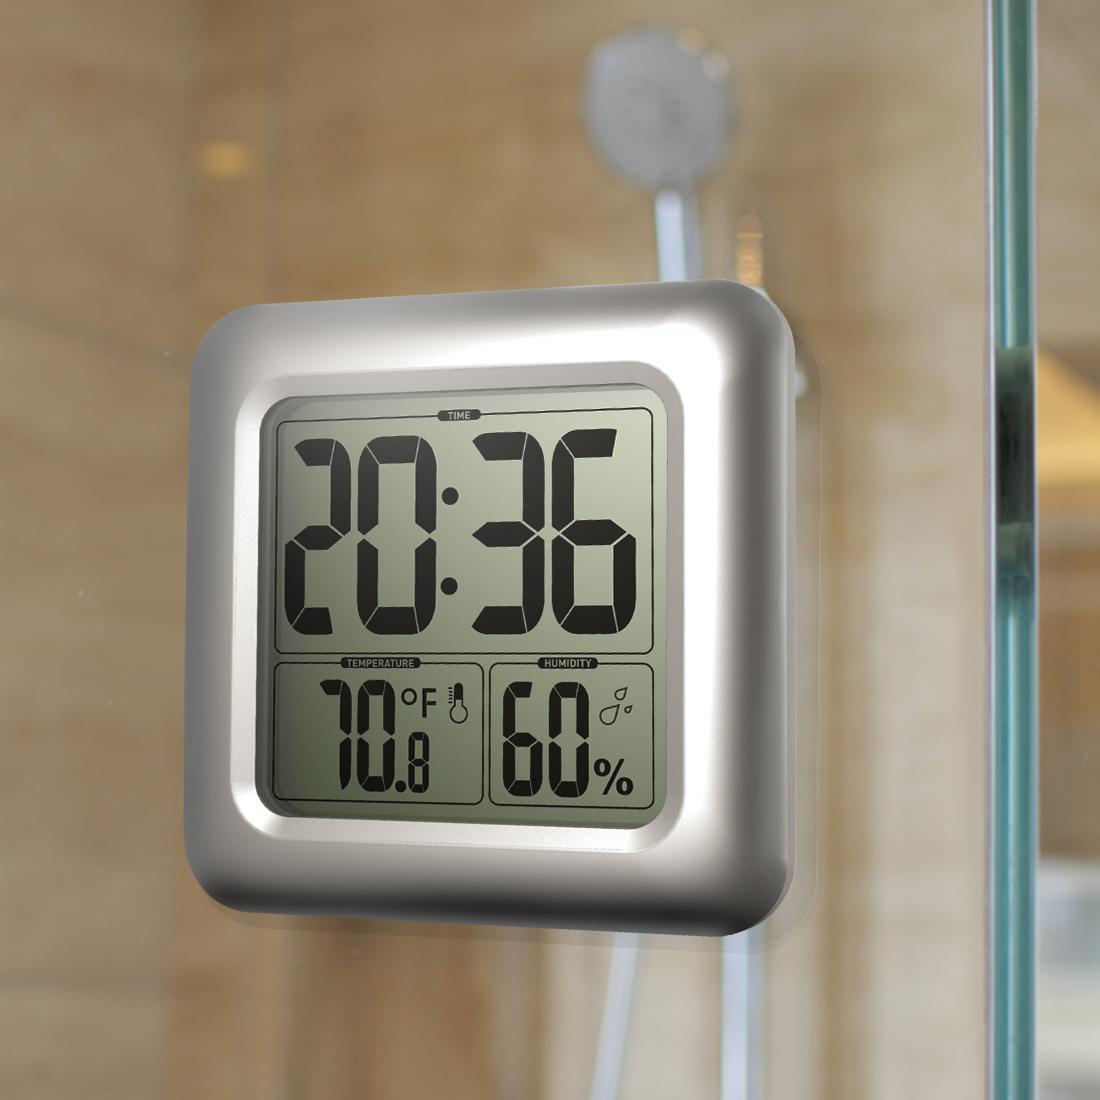 baldr mode tanche douche temps montre numrique cuisine salle de bain mur ventouse horloges grand bureau - Horloge Salle De Bain Ventouse